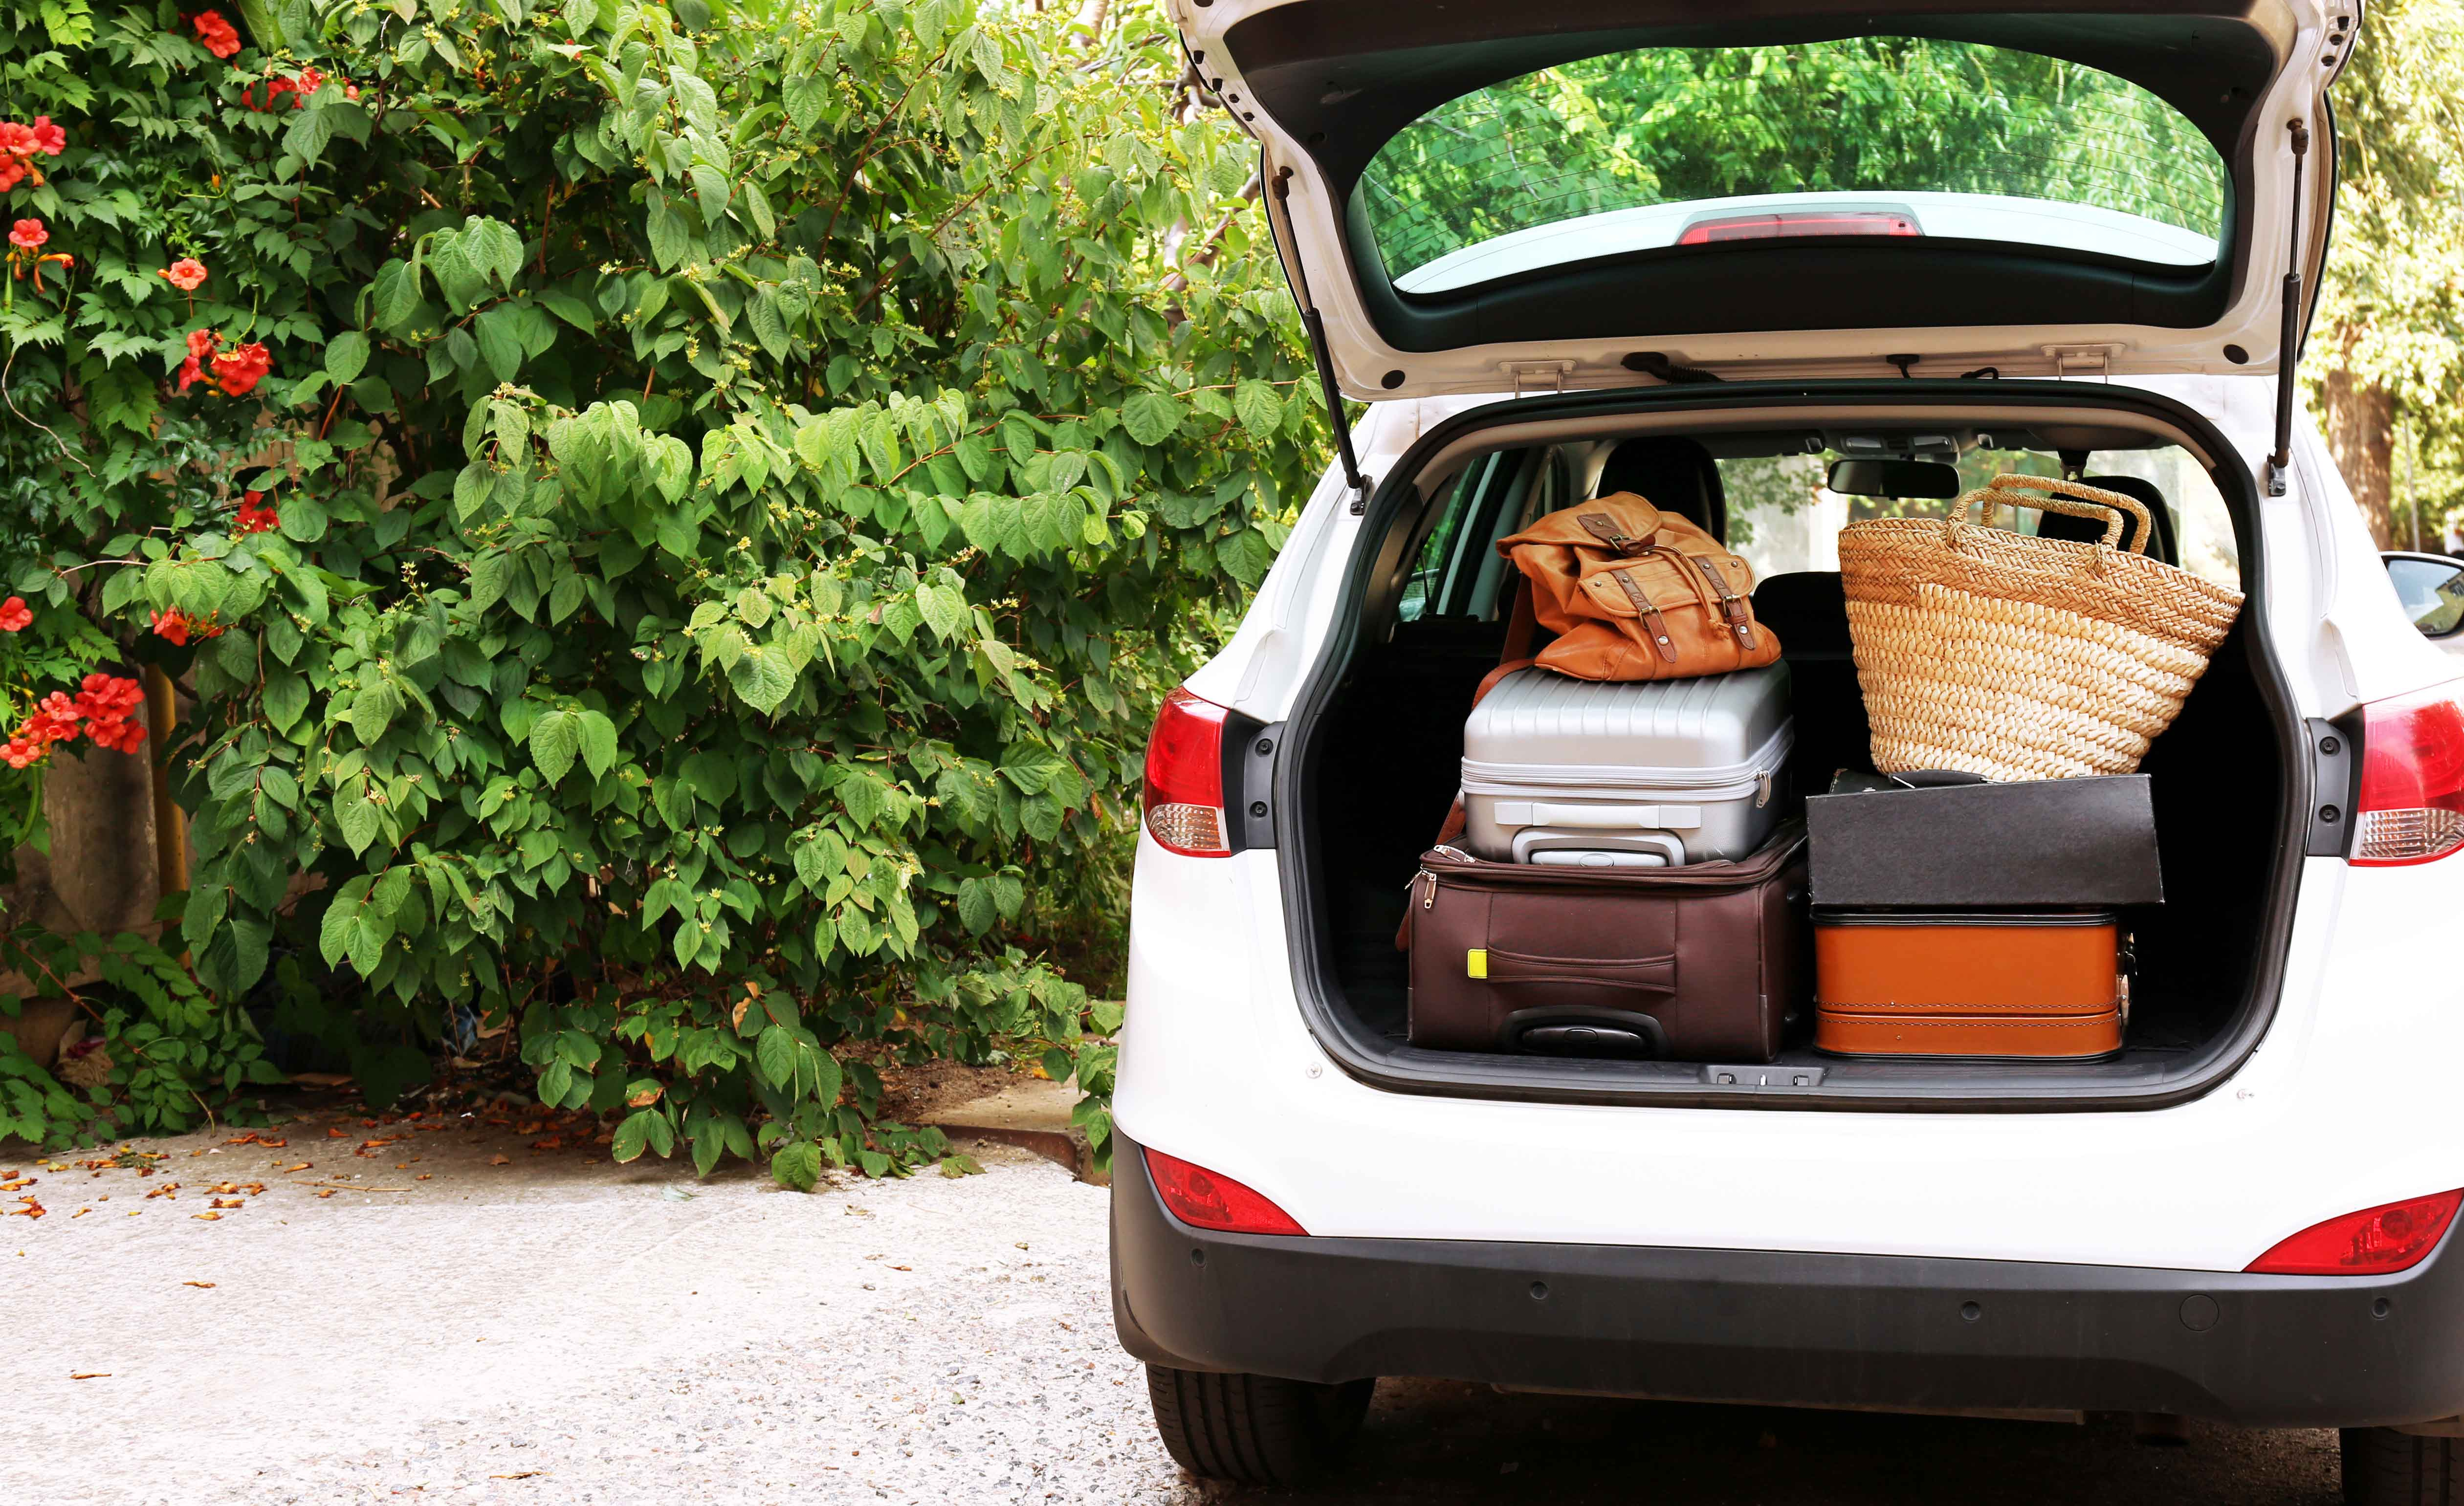 Τι να προσέξετε φεύγοντας από το σπίτι για διακοπές